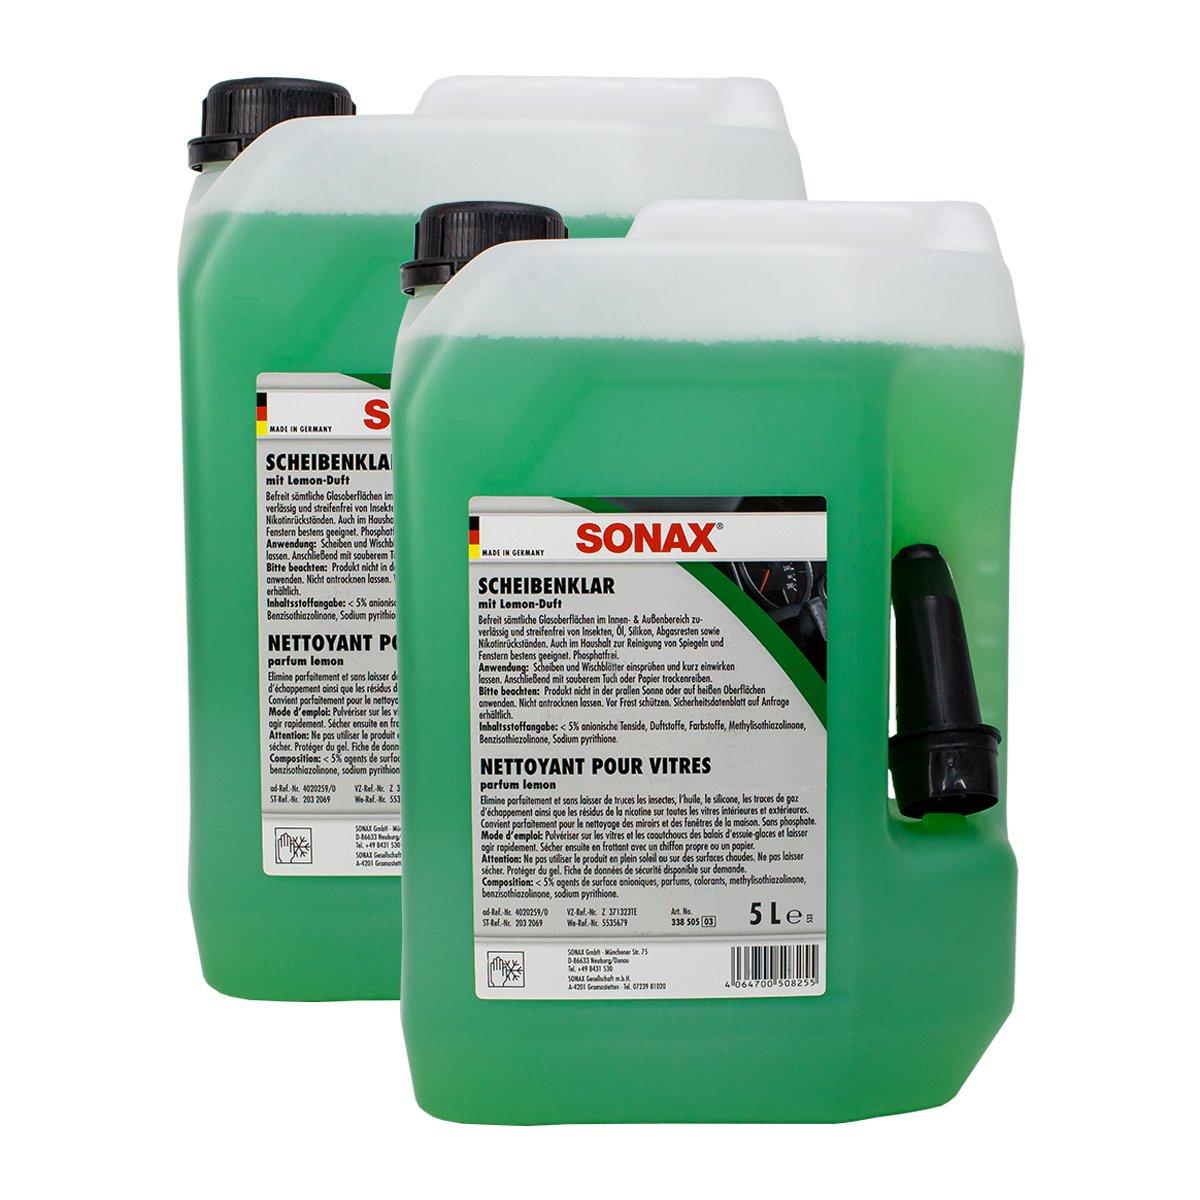 SONAX 2X 03385050 Scheibenreiniger ScheibenKlar 5L